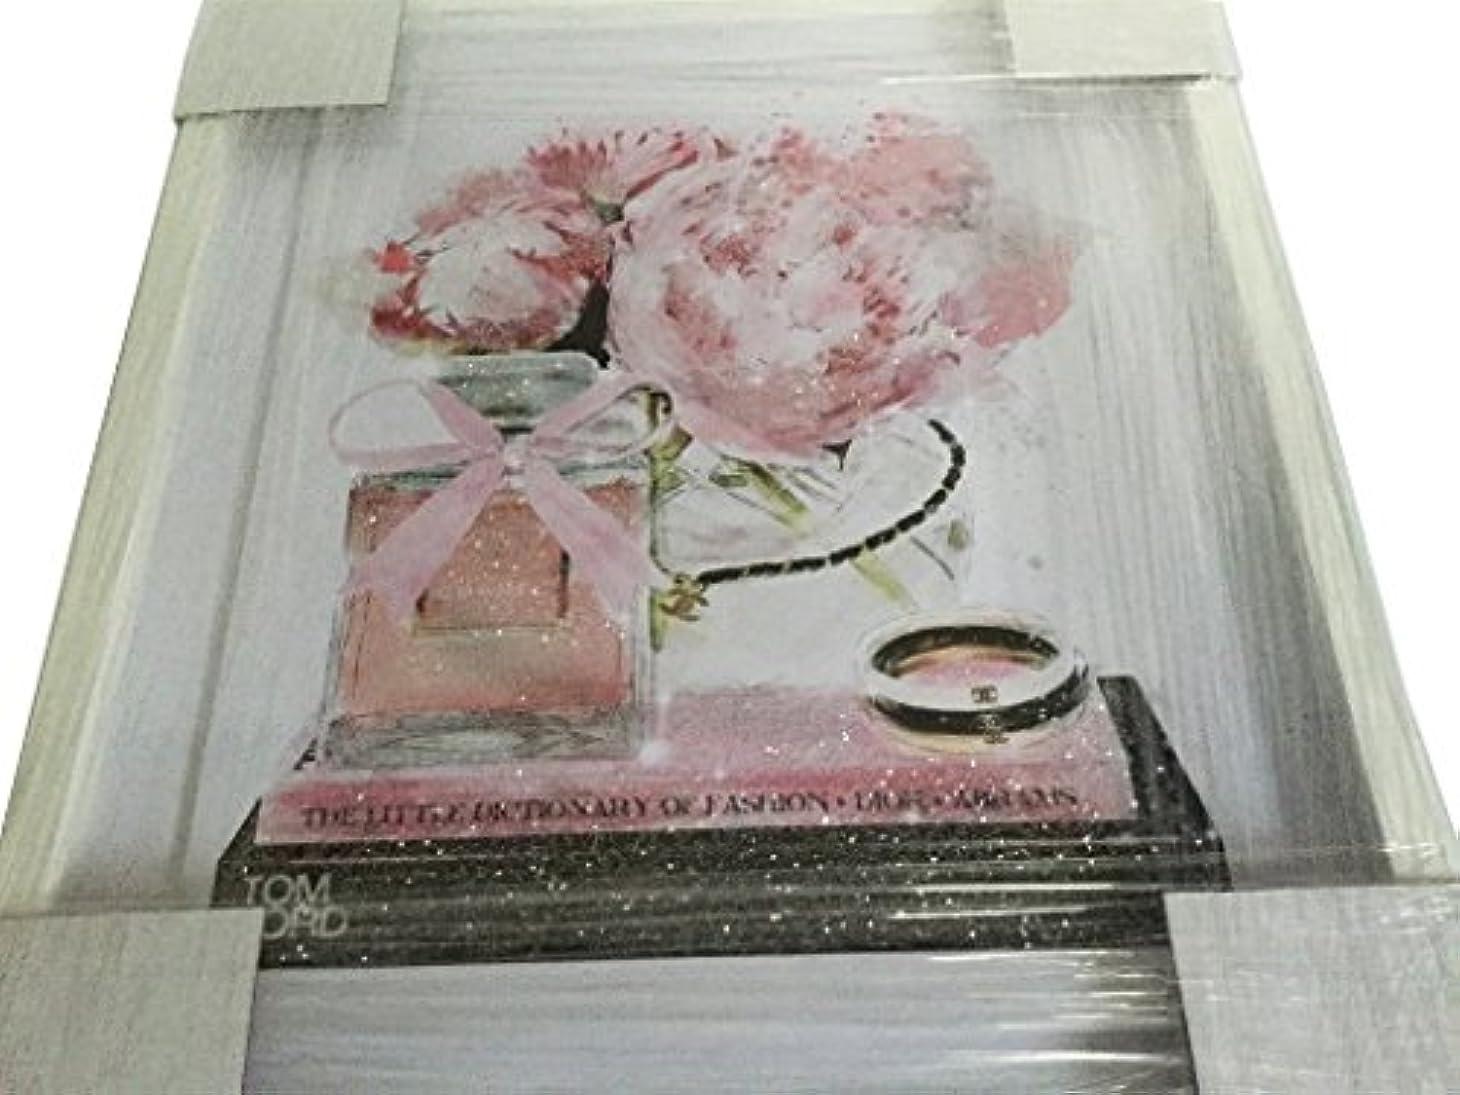 品ブレス逸話Oliver Gal O83 Elegant Perfume and Morning CHANEL スワロフスキー (17×20インチ:43.18×50.8cm)